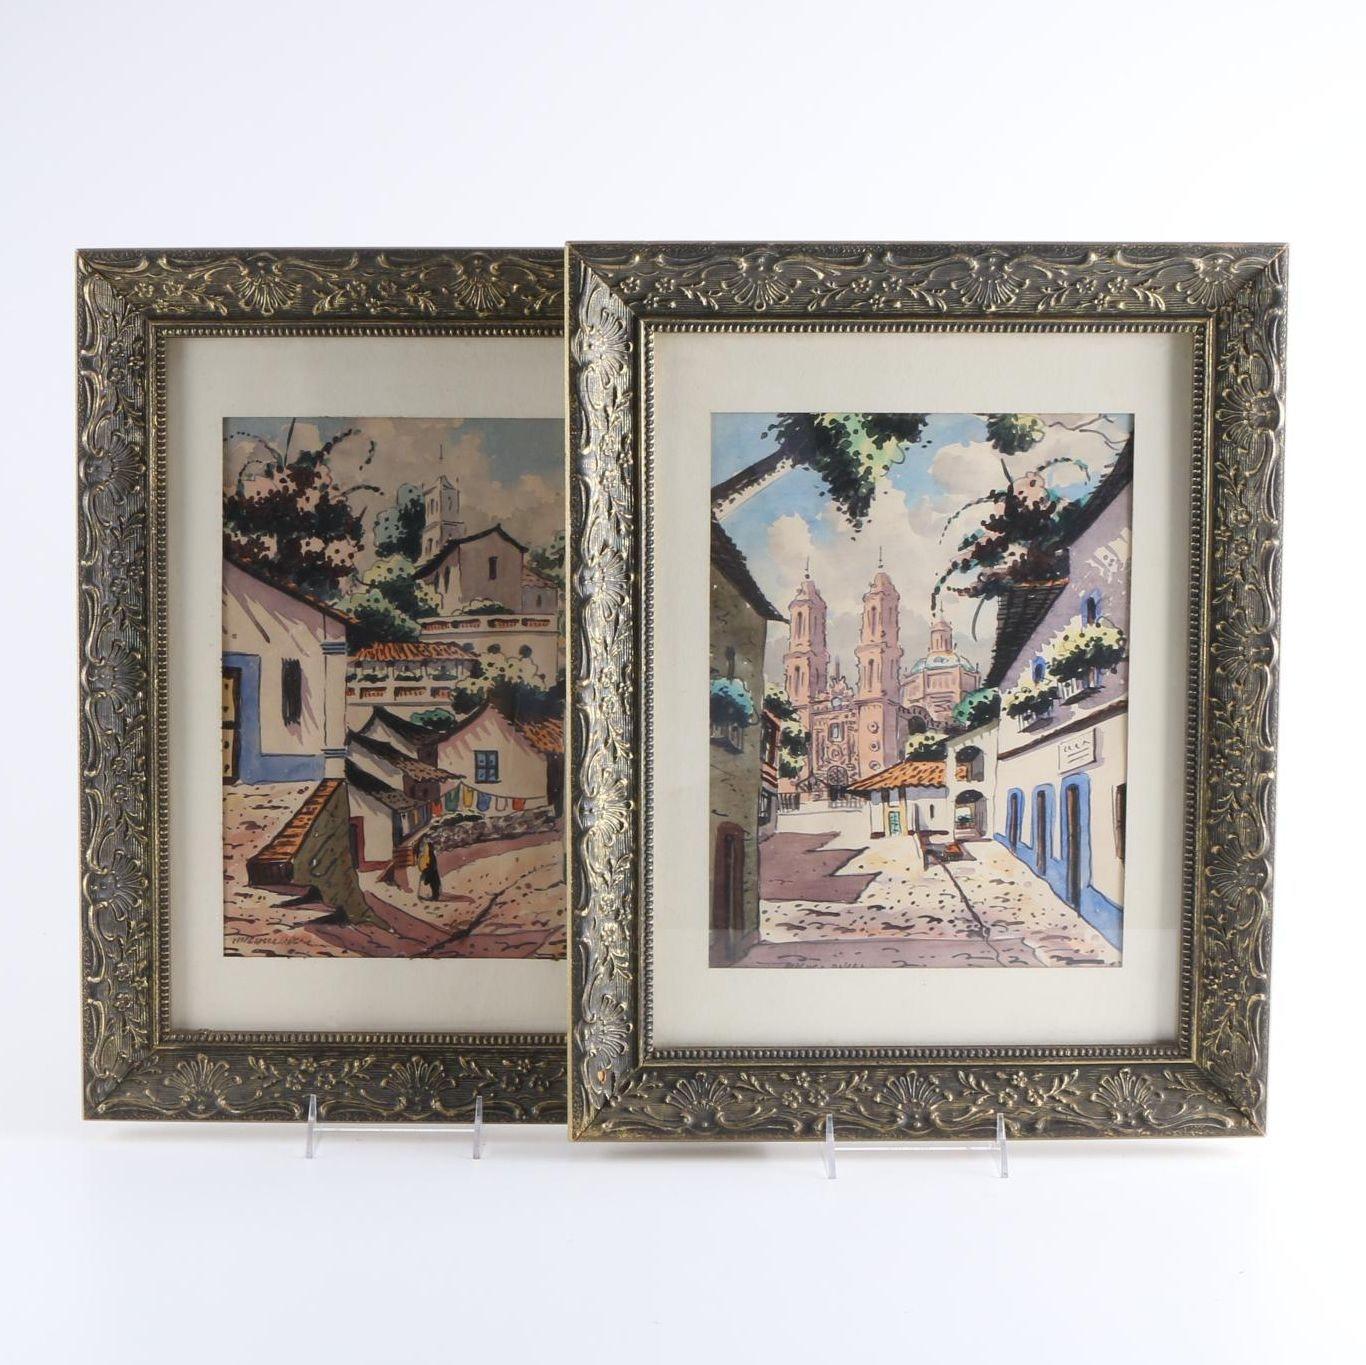 Watercolor Paintings of European Scenes